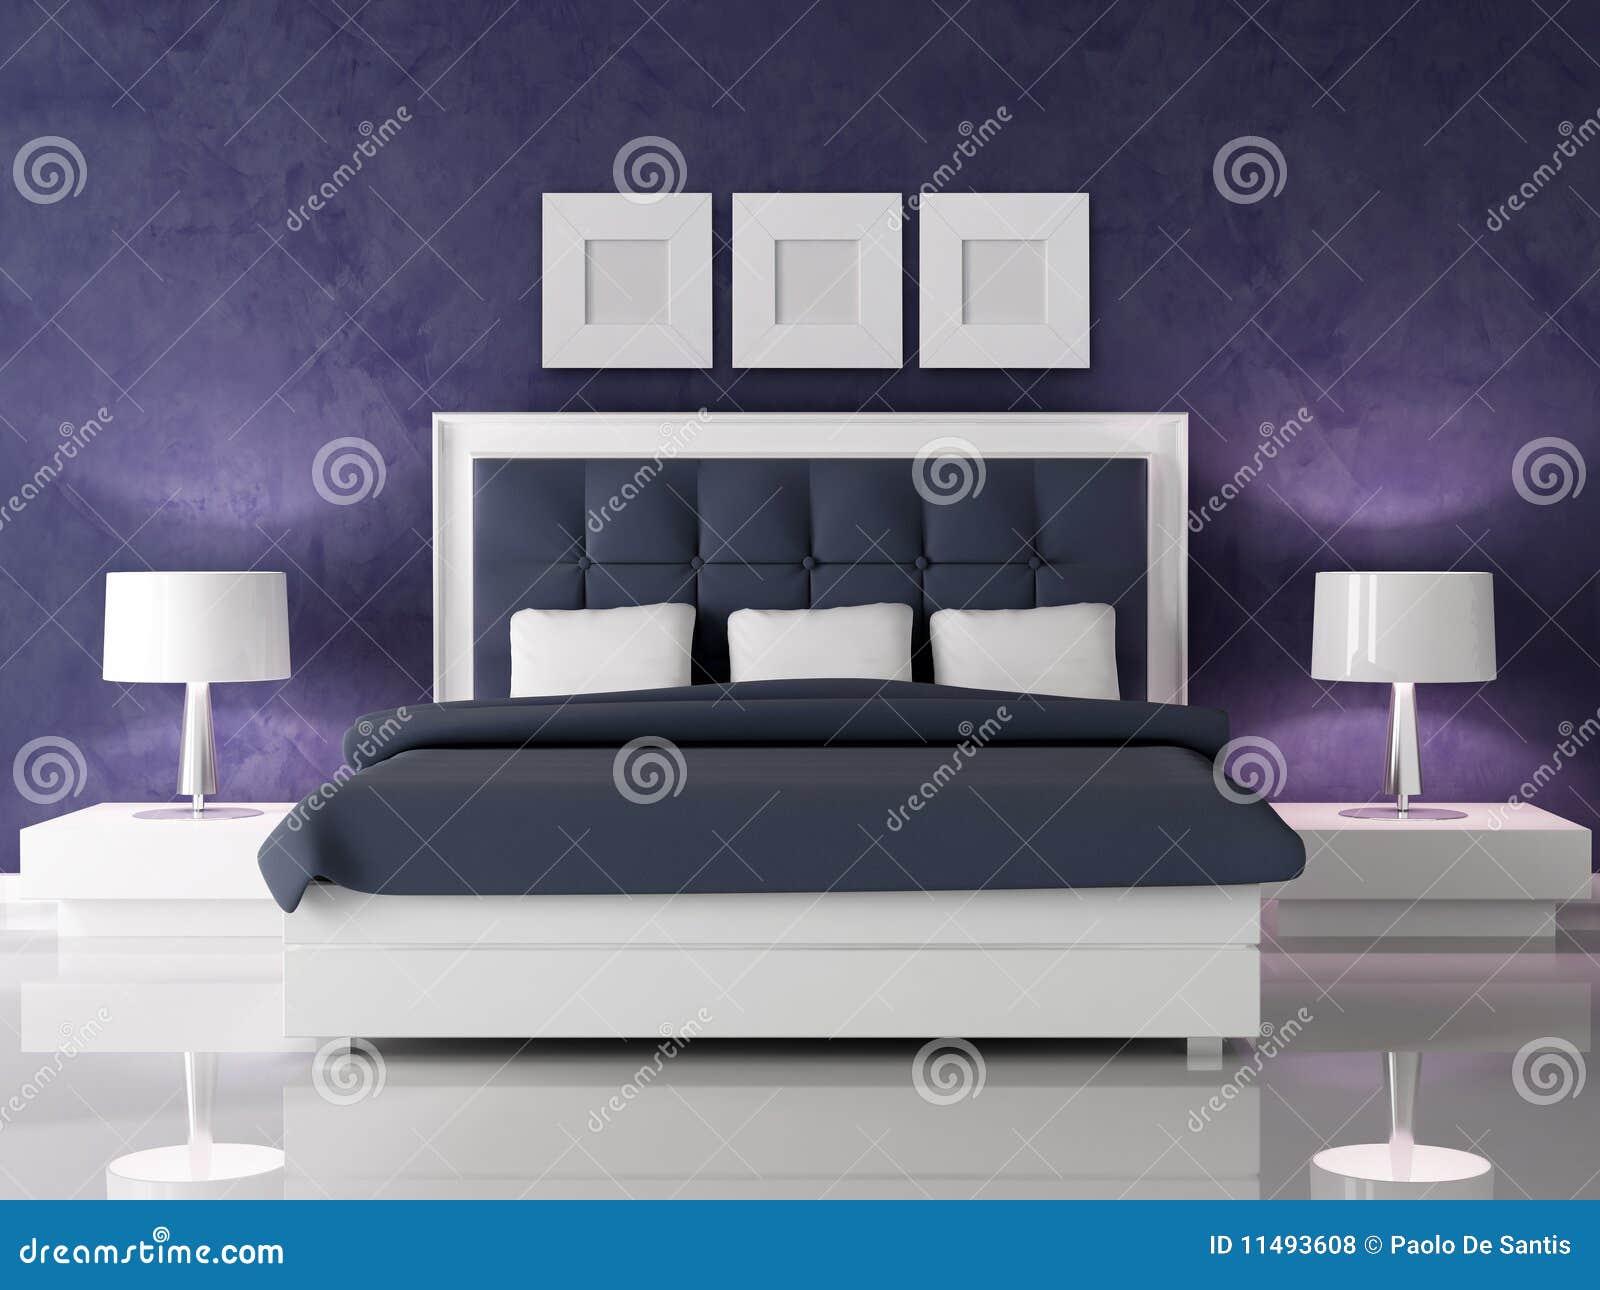 Pareti viola camera da letto: pareti camera da letto viola ...